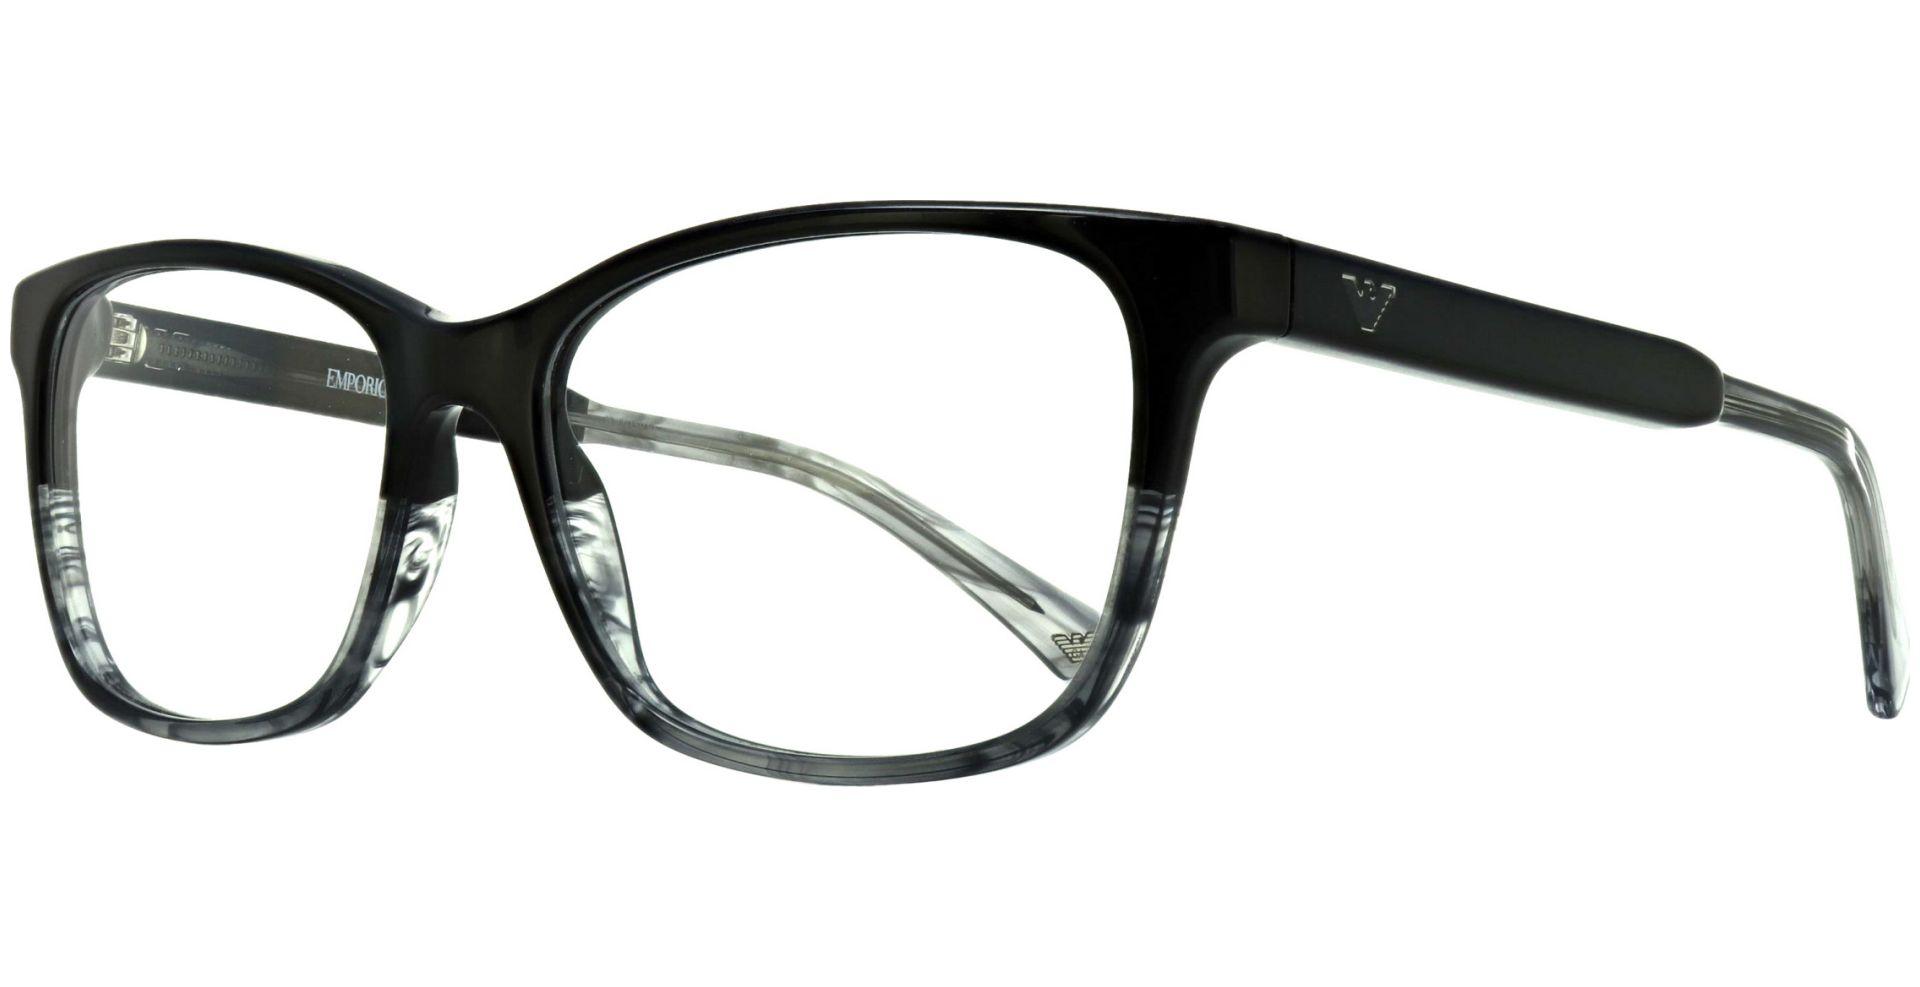 Emporio Armani - EA3121 5566 5416 Black - von Lensbest